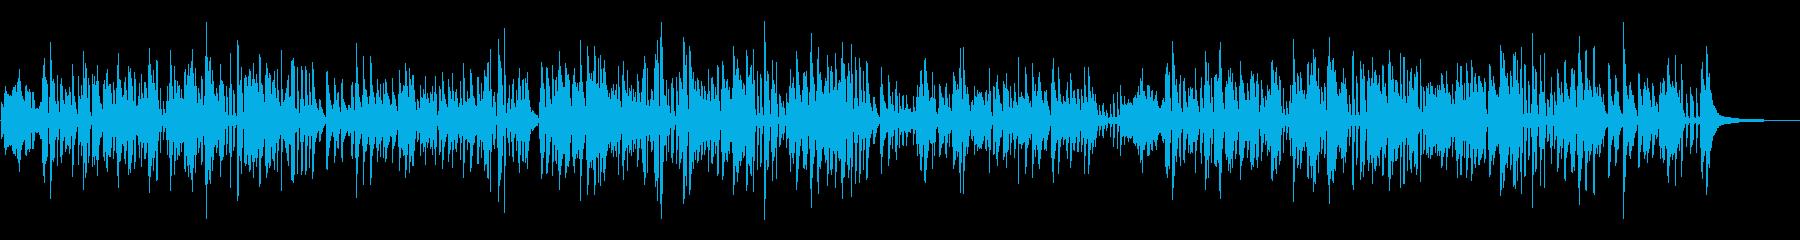 しっとりとしたジャズピアノの再生済みの波形